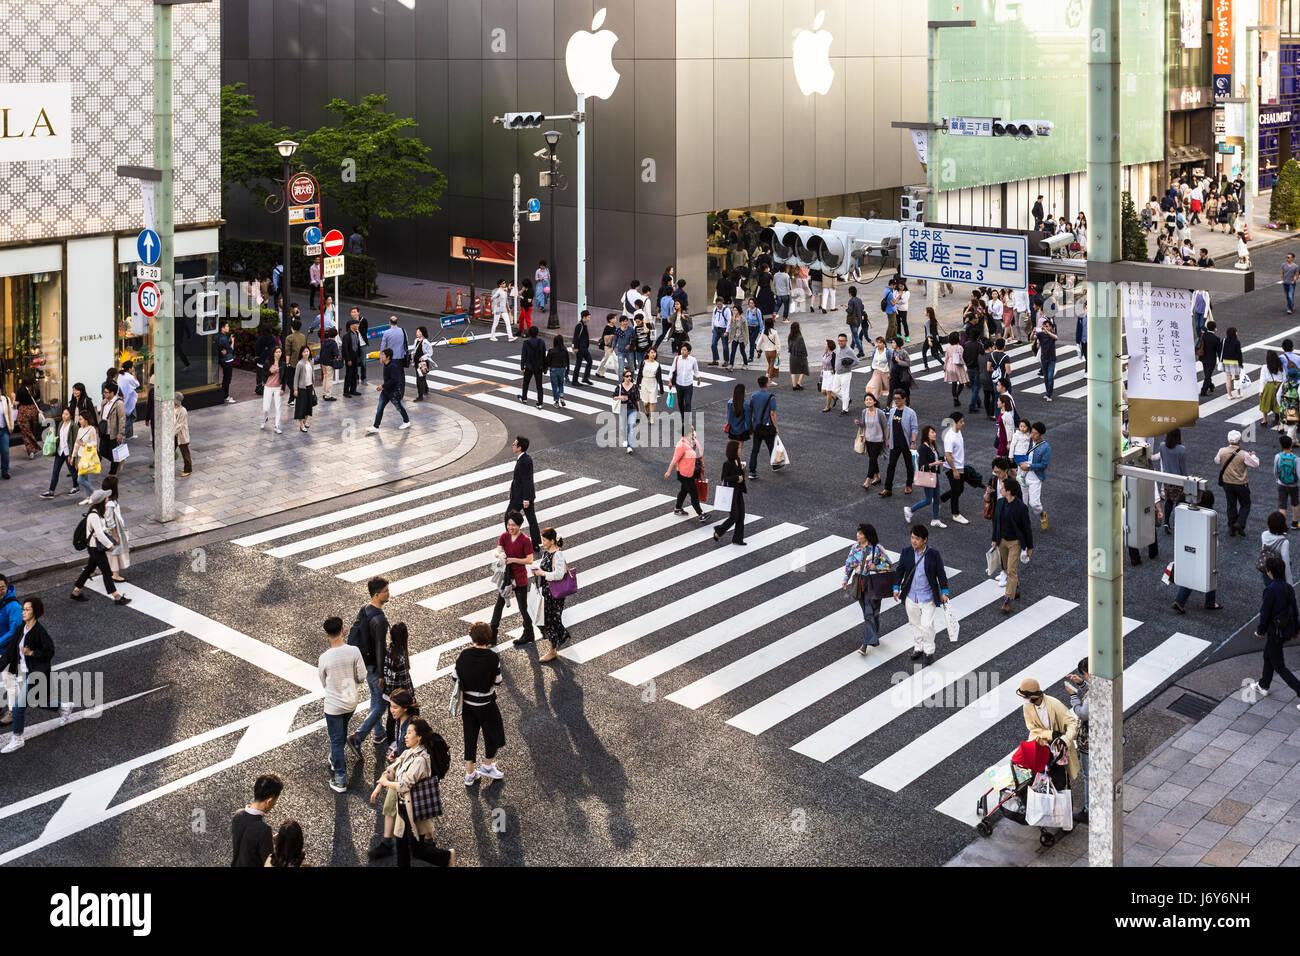 Tokio - 7. Mai 2017: Menschen wandern durch die Straßen von Ginza, das luxuriöse Einkaufsviertel in der Stockbild